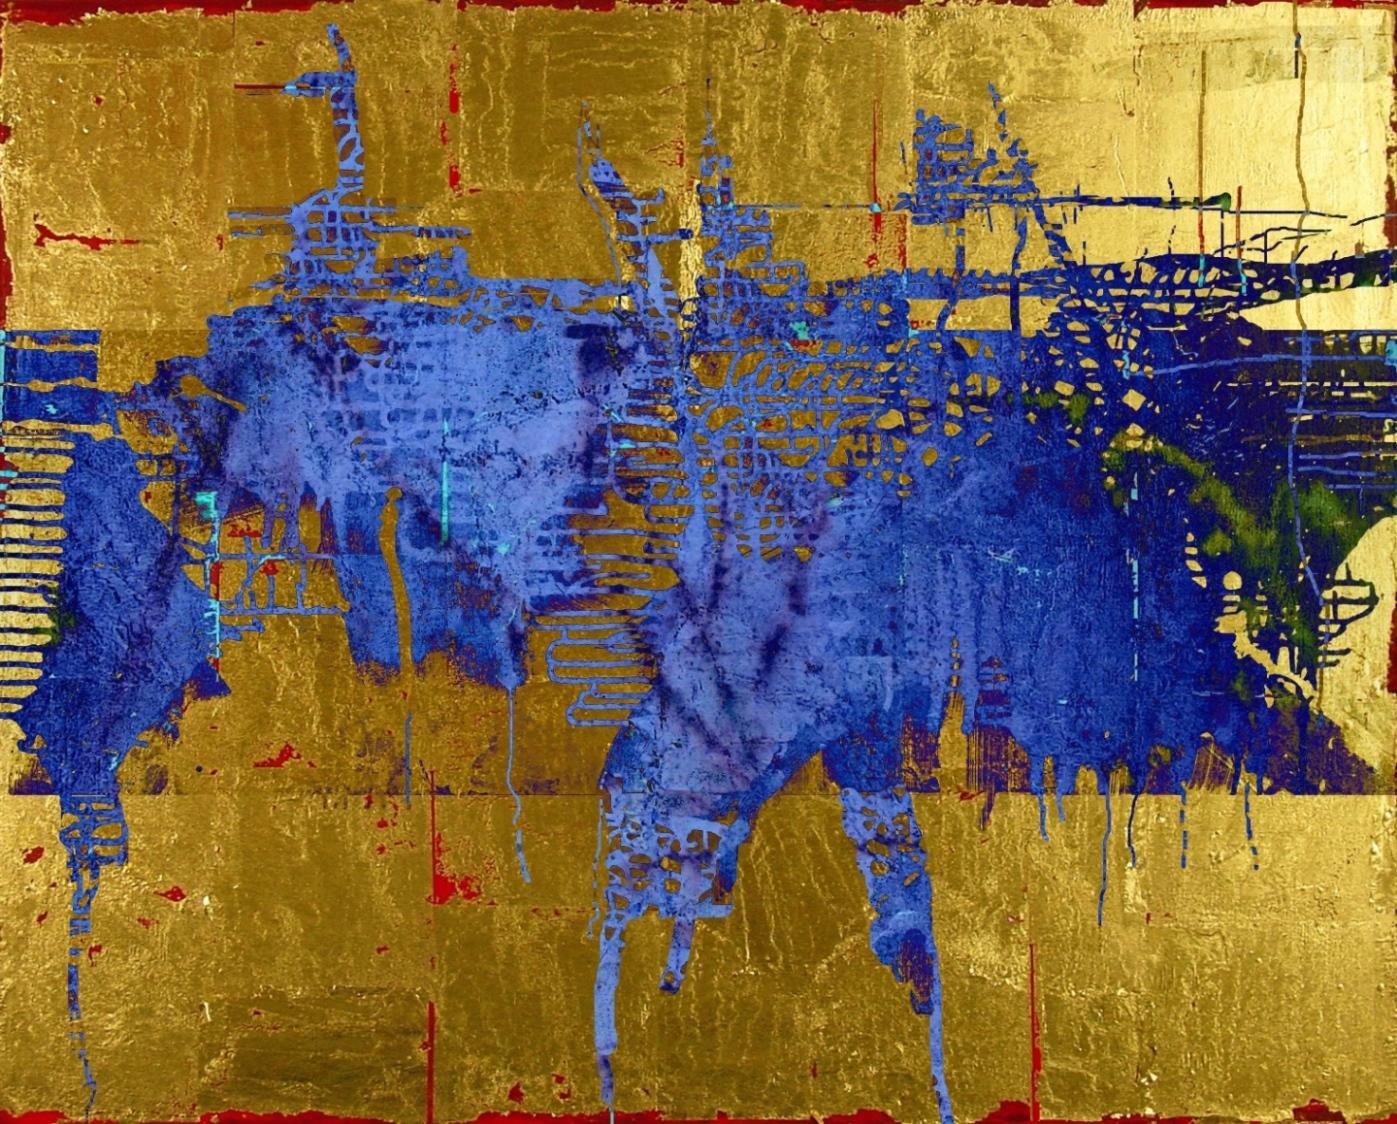 13-11 Mischtechnik Blattgold Leinwand 40 x 50 cm_Gold-Blue